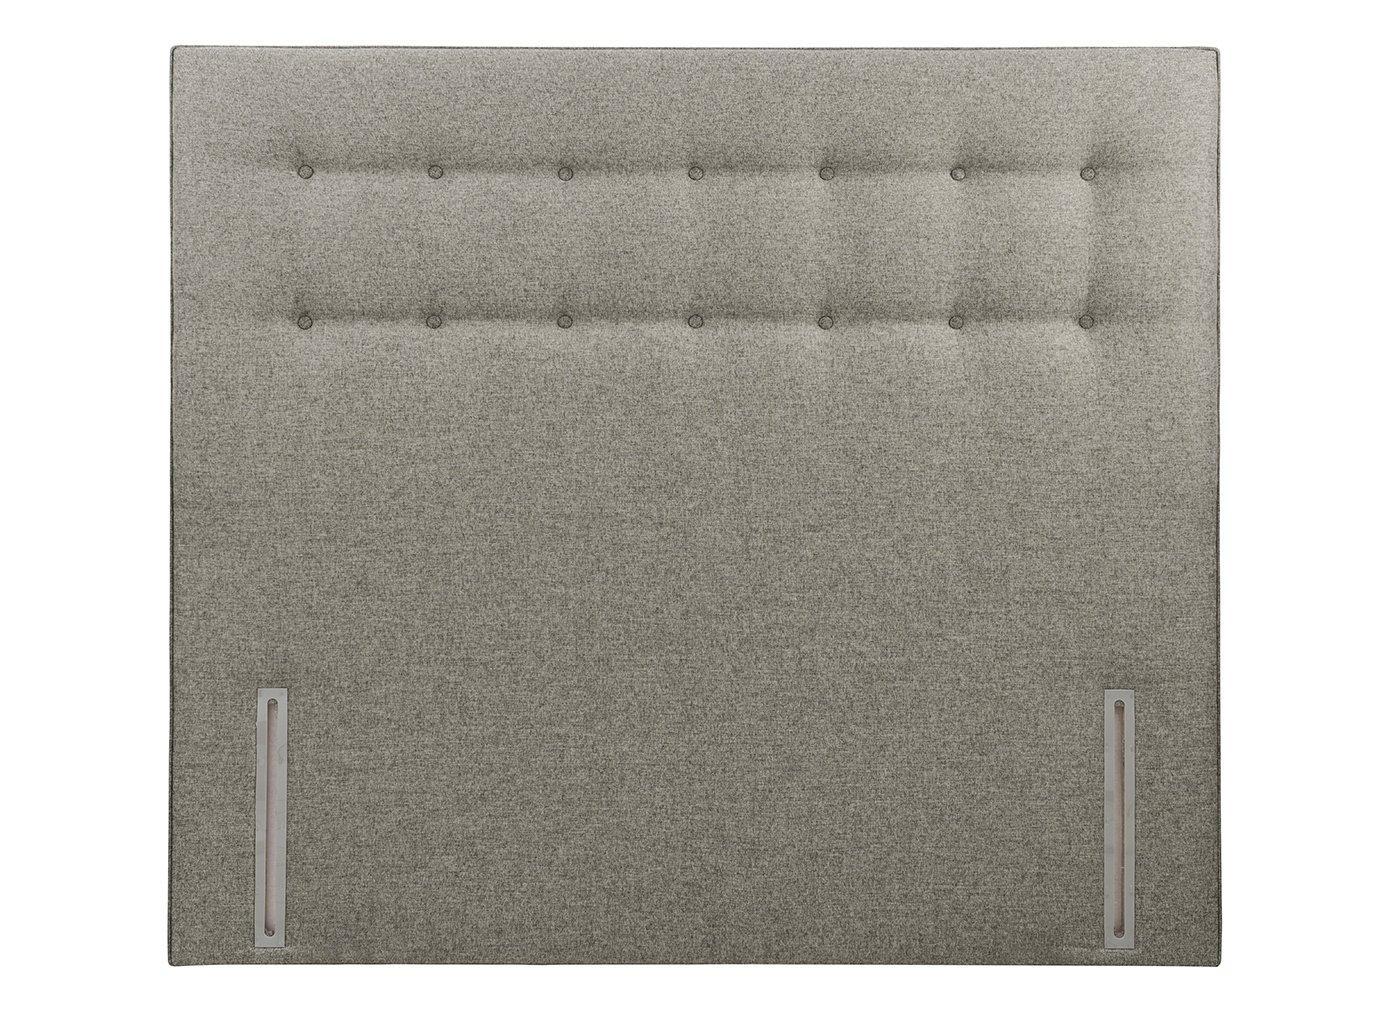 Silentnight Marigold SK H/B Marl Grey (Enhanced Fabric) 6'0 Super king